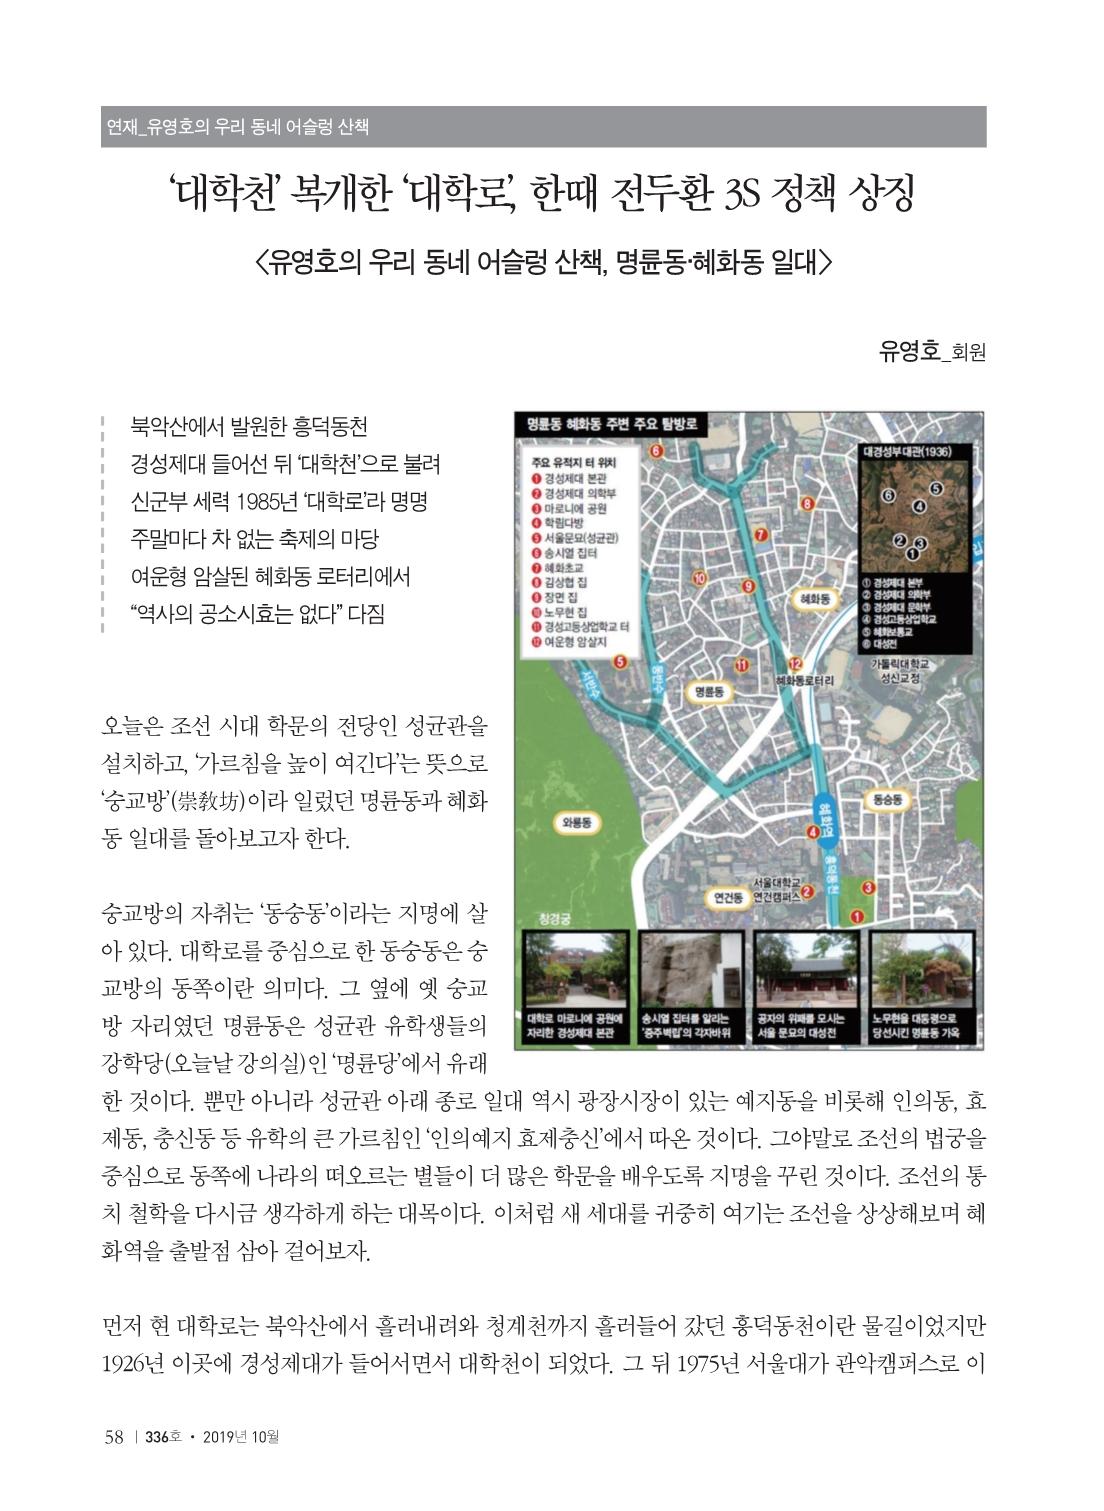 154780e2-c93e-4795-937d-bbcc14642e29.pdf-0060.jpg